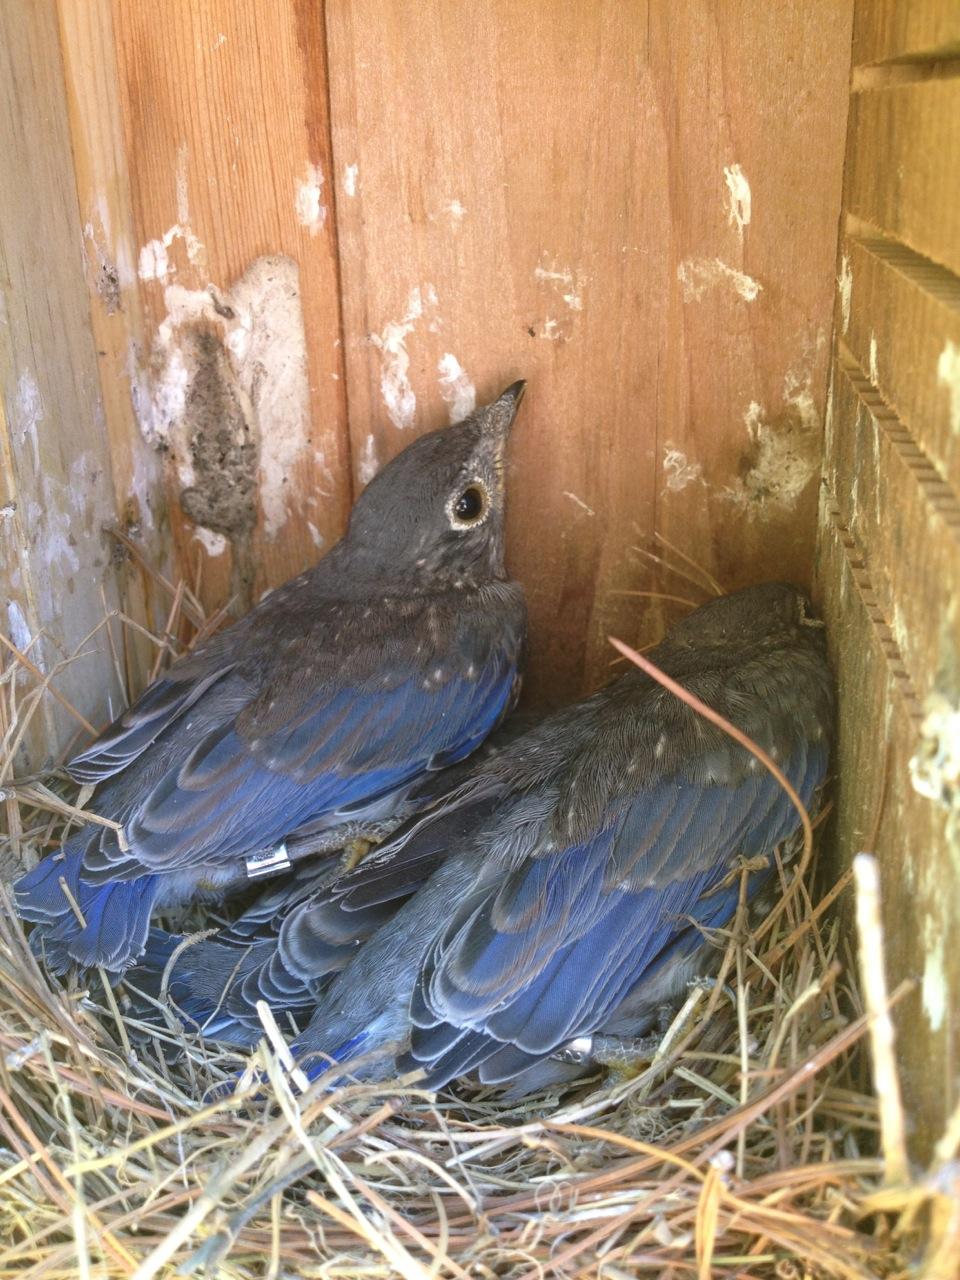 Bluebird Chicks.  Photo by Susan Butterworth